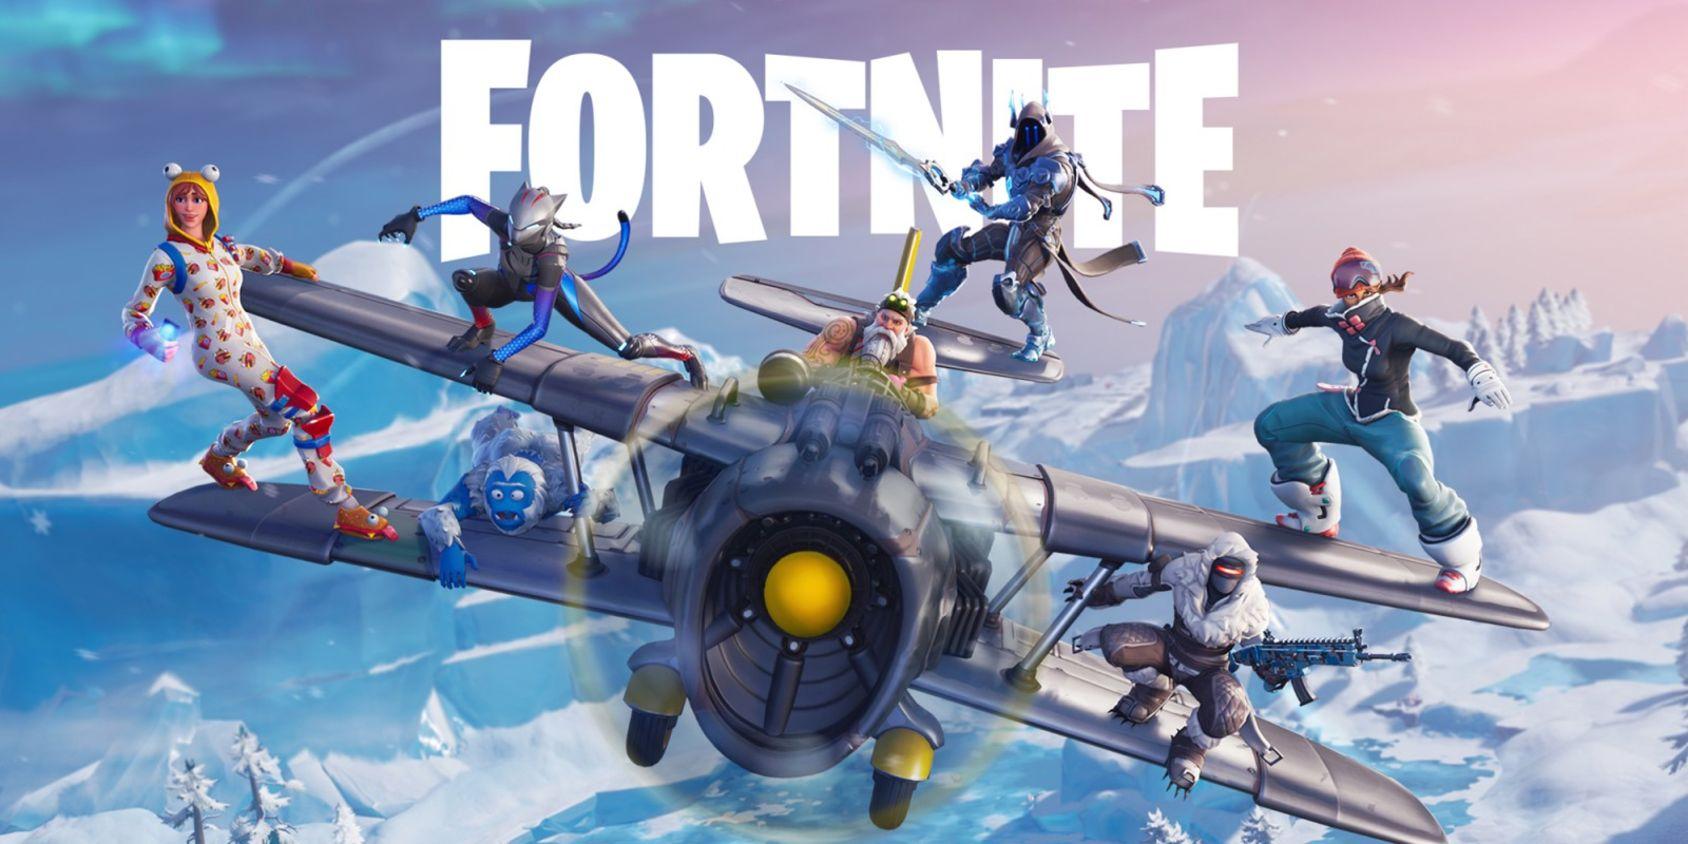 Epic ska öppna upp Fortnites plattform för andra spelutvecklare